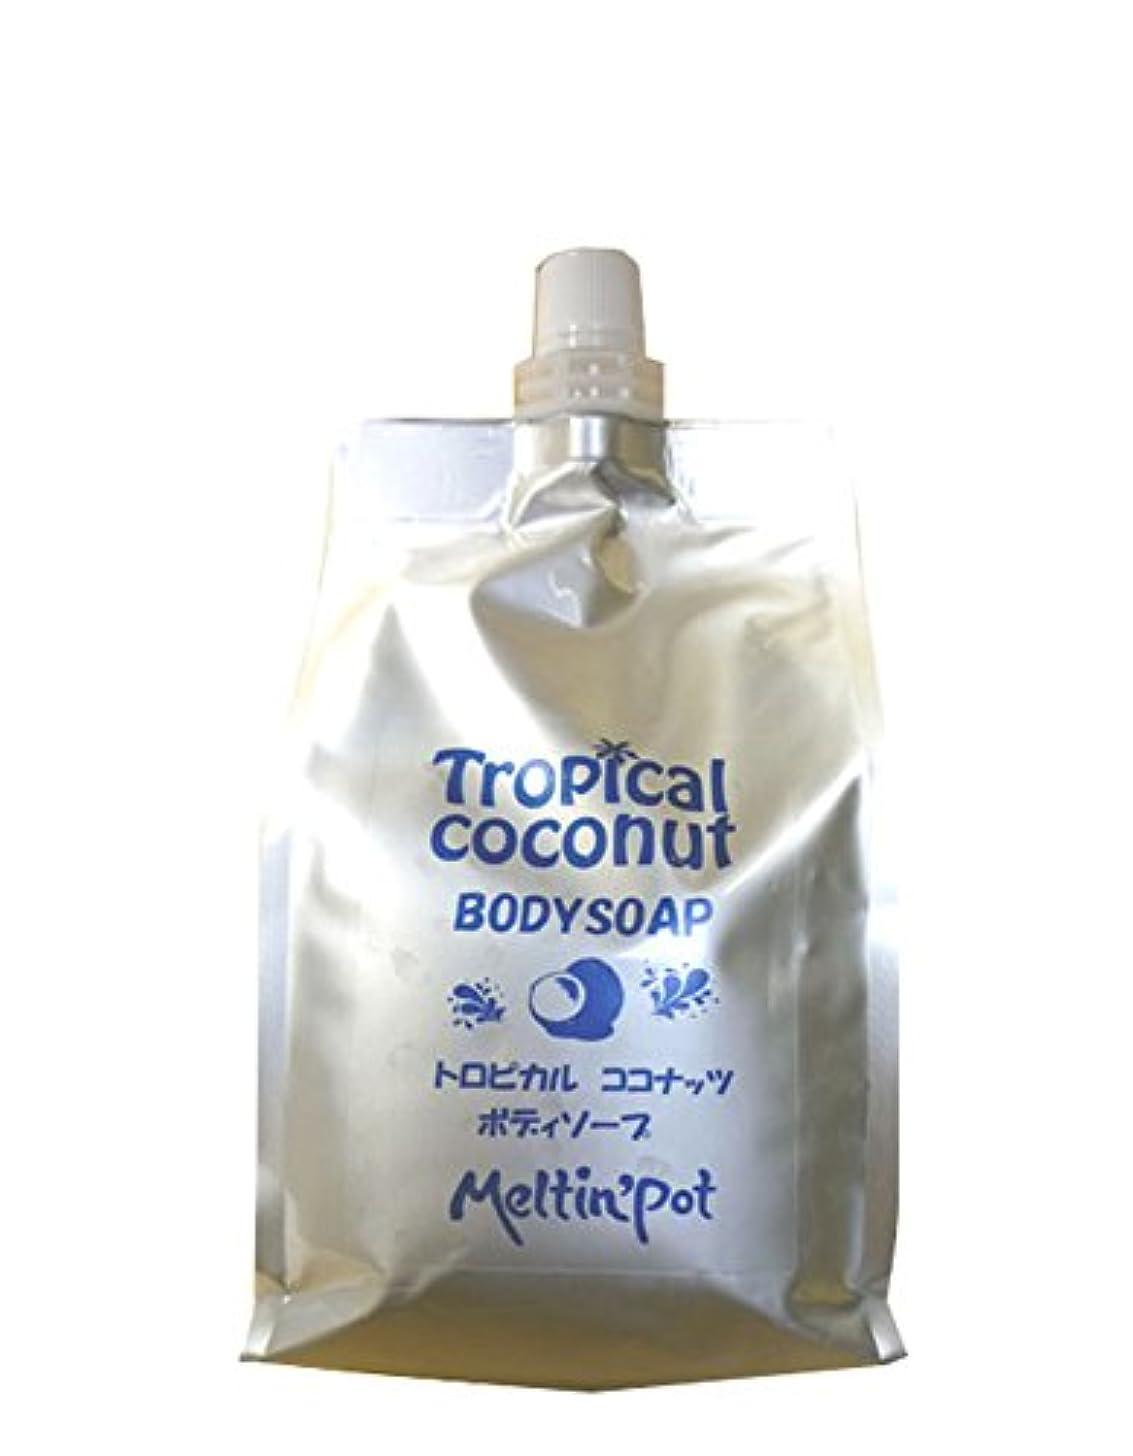 振るクレジット名前でトロピカルココナッツ ボディソープ 1000ml 詰め替え Tropical coconut Body Soap 加齢臭に! [MeltinPot]